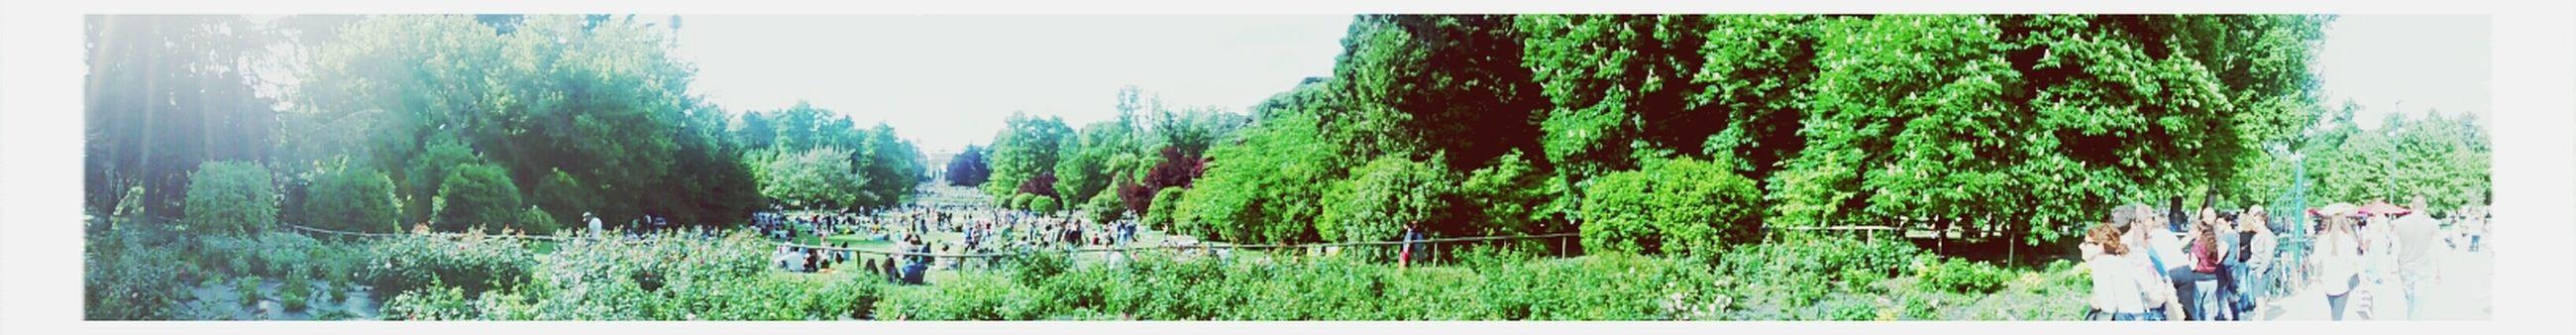 Parco Sempione Landscape